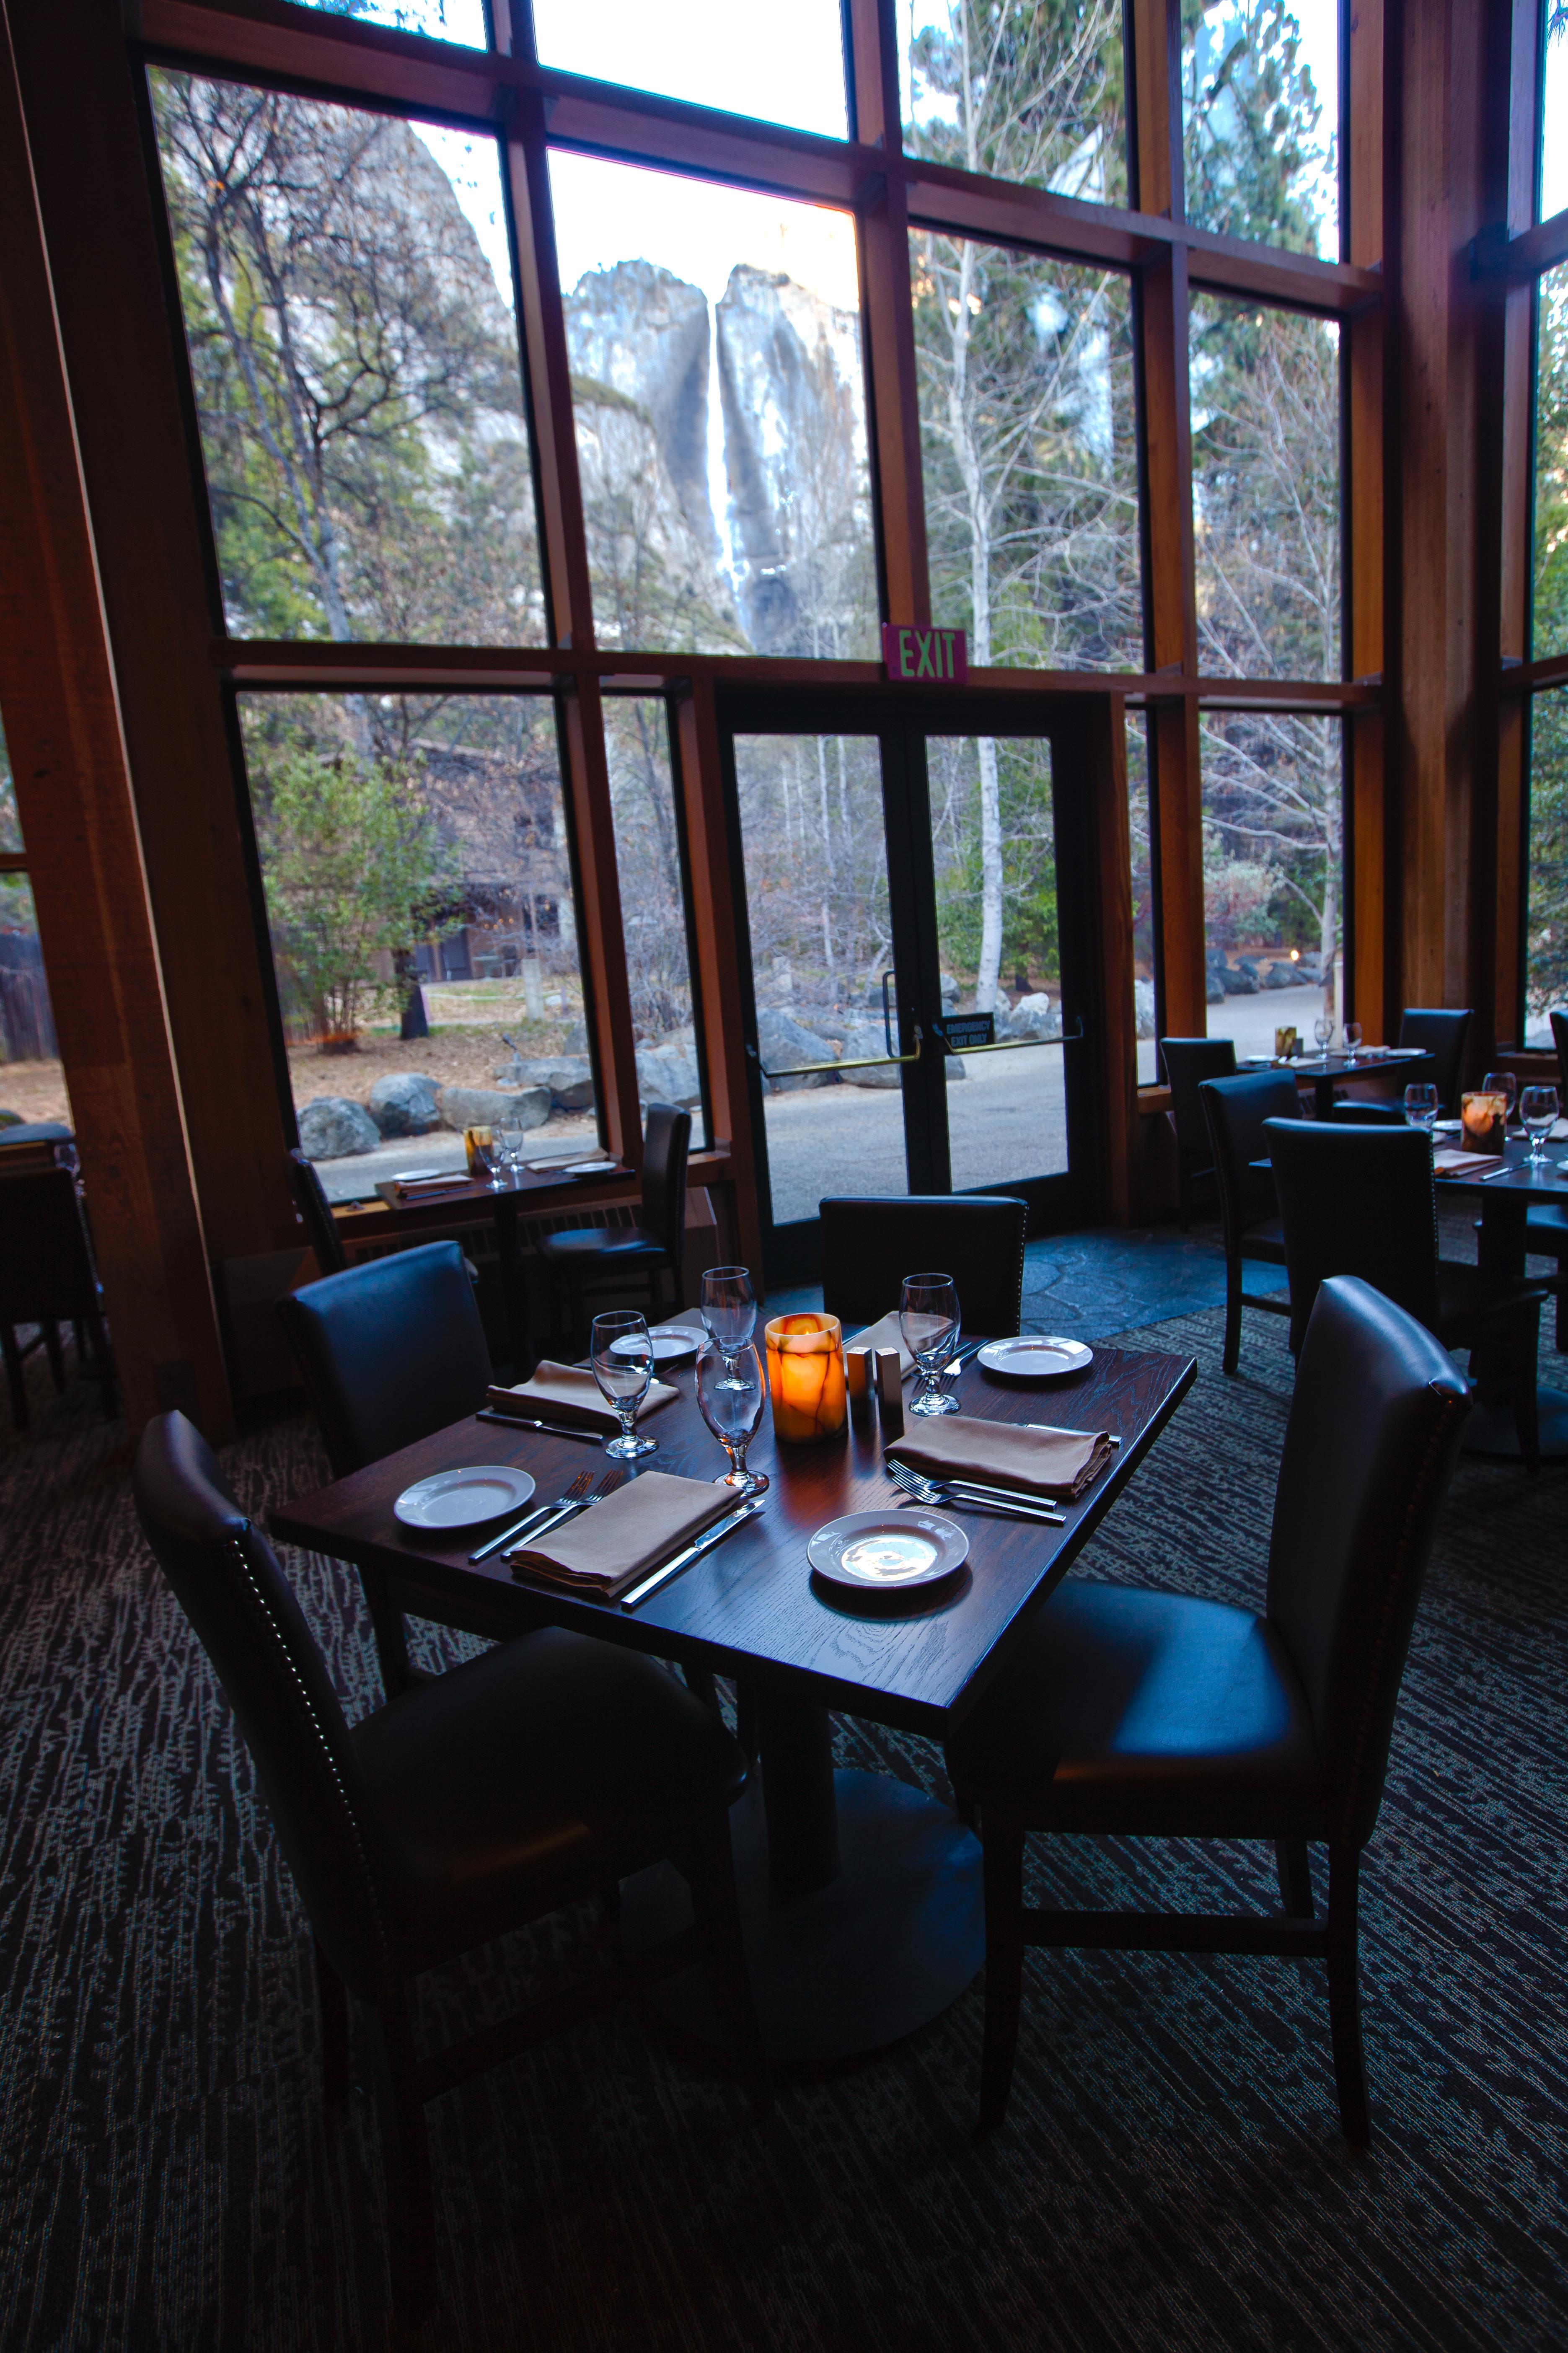 Housekeeping Camp | Yosemite Park Blog